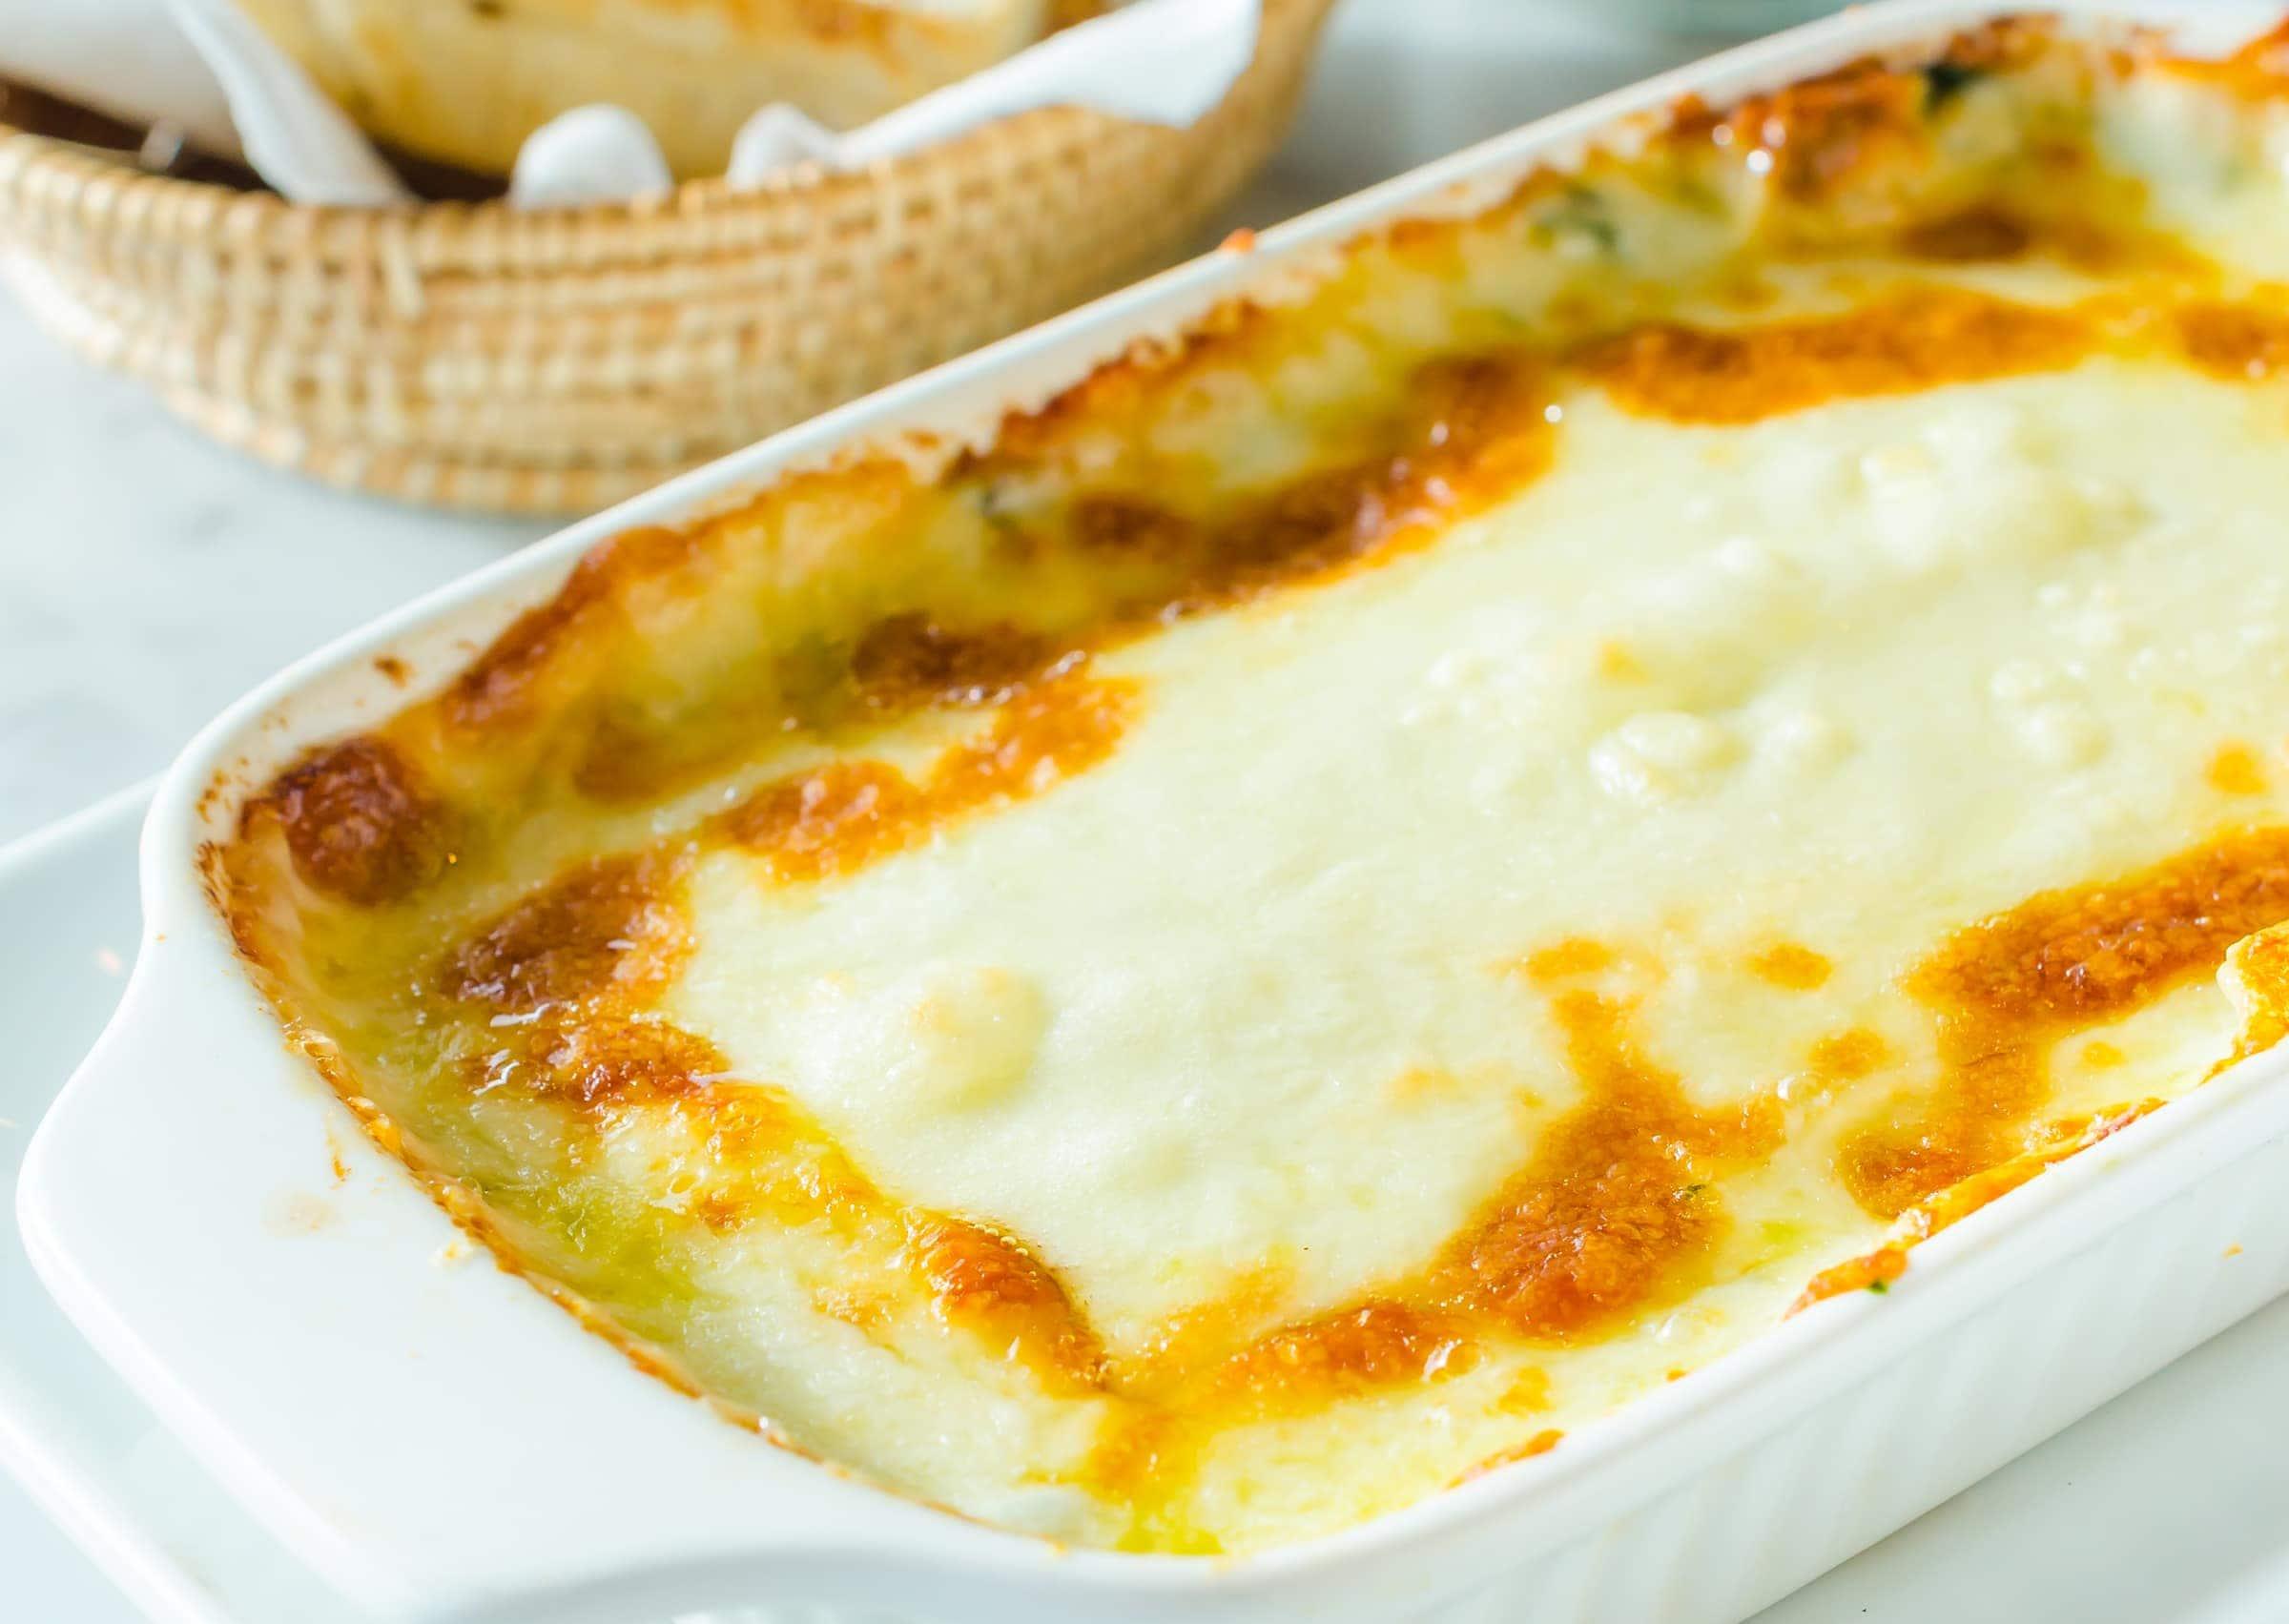 Ricetta Delle Lasagne Ai Quattro Formaggi.Ricetta Lasagne Bianche Ai Quattro Formaggi Il Club Delle Ricette